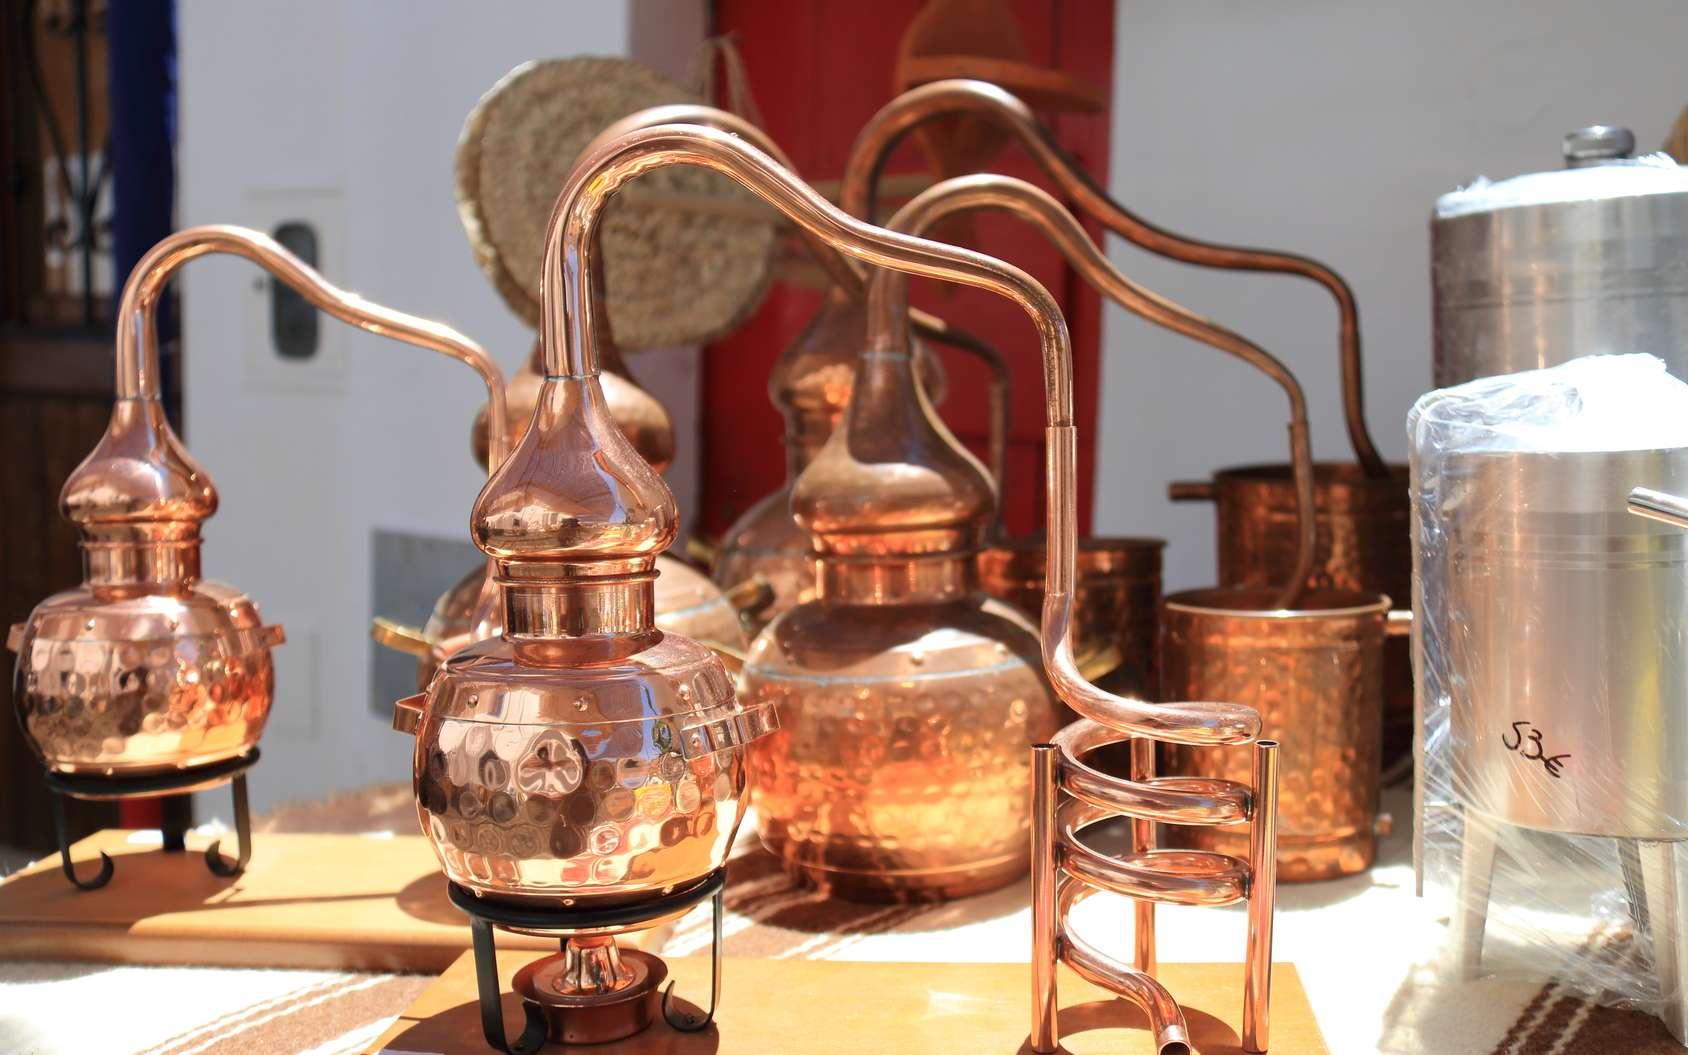 L'alambic est toujours utilisé pour distiller certains alcools fins comme le cognac, le whisky ou la vodka. © juanorihuela, Fotolia